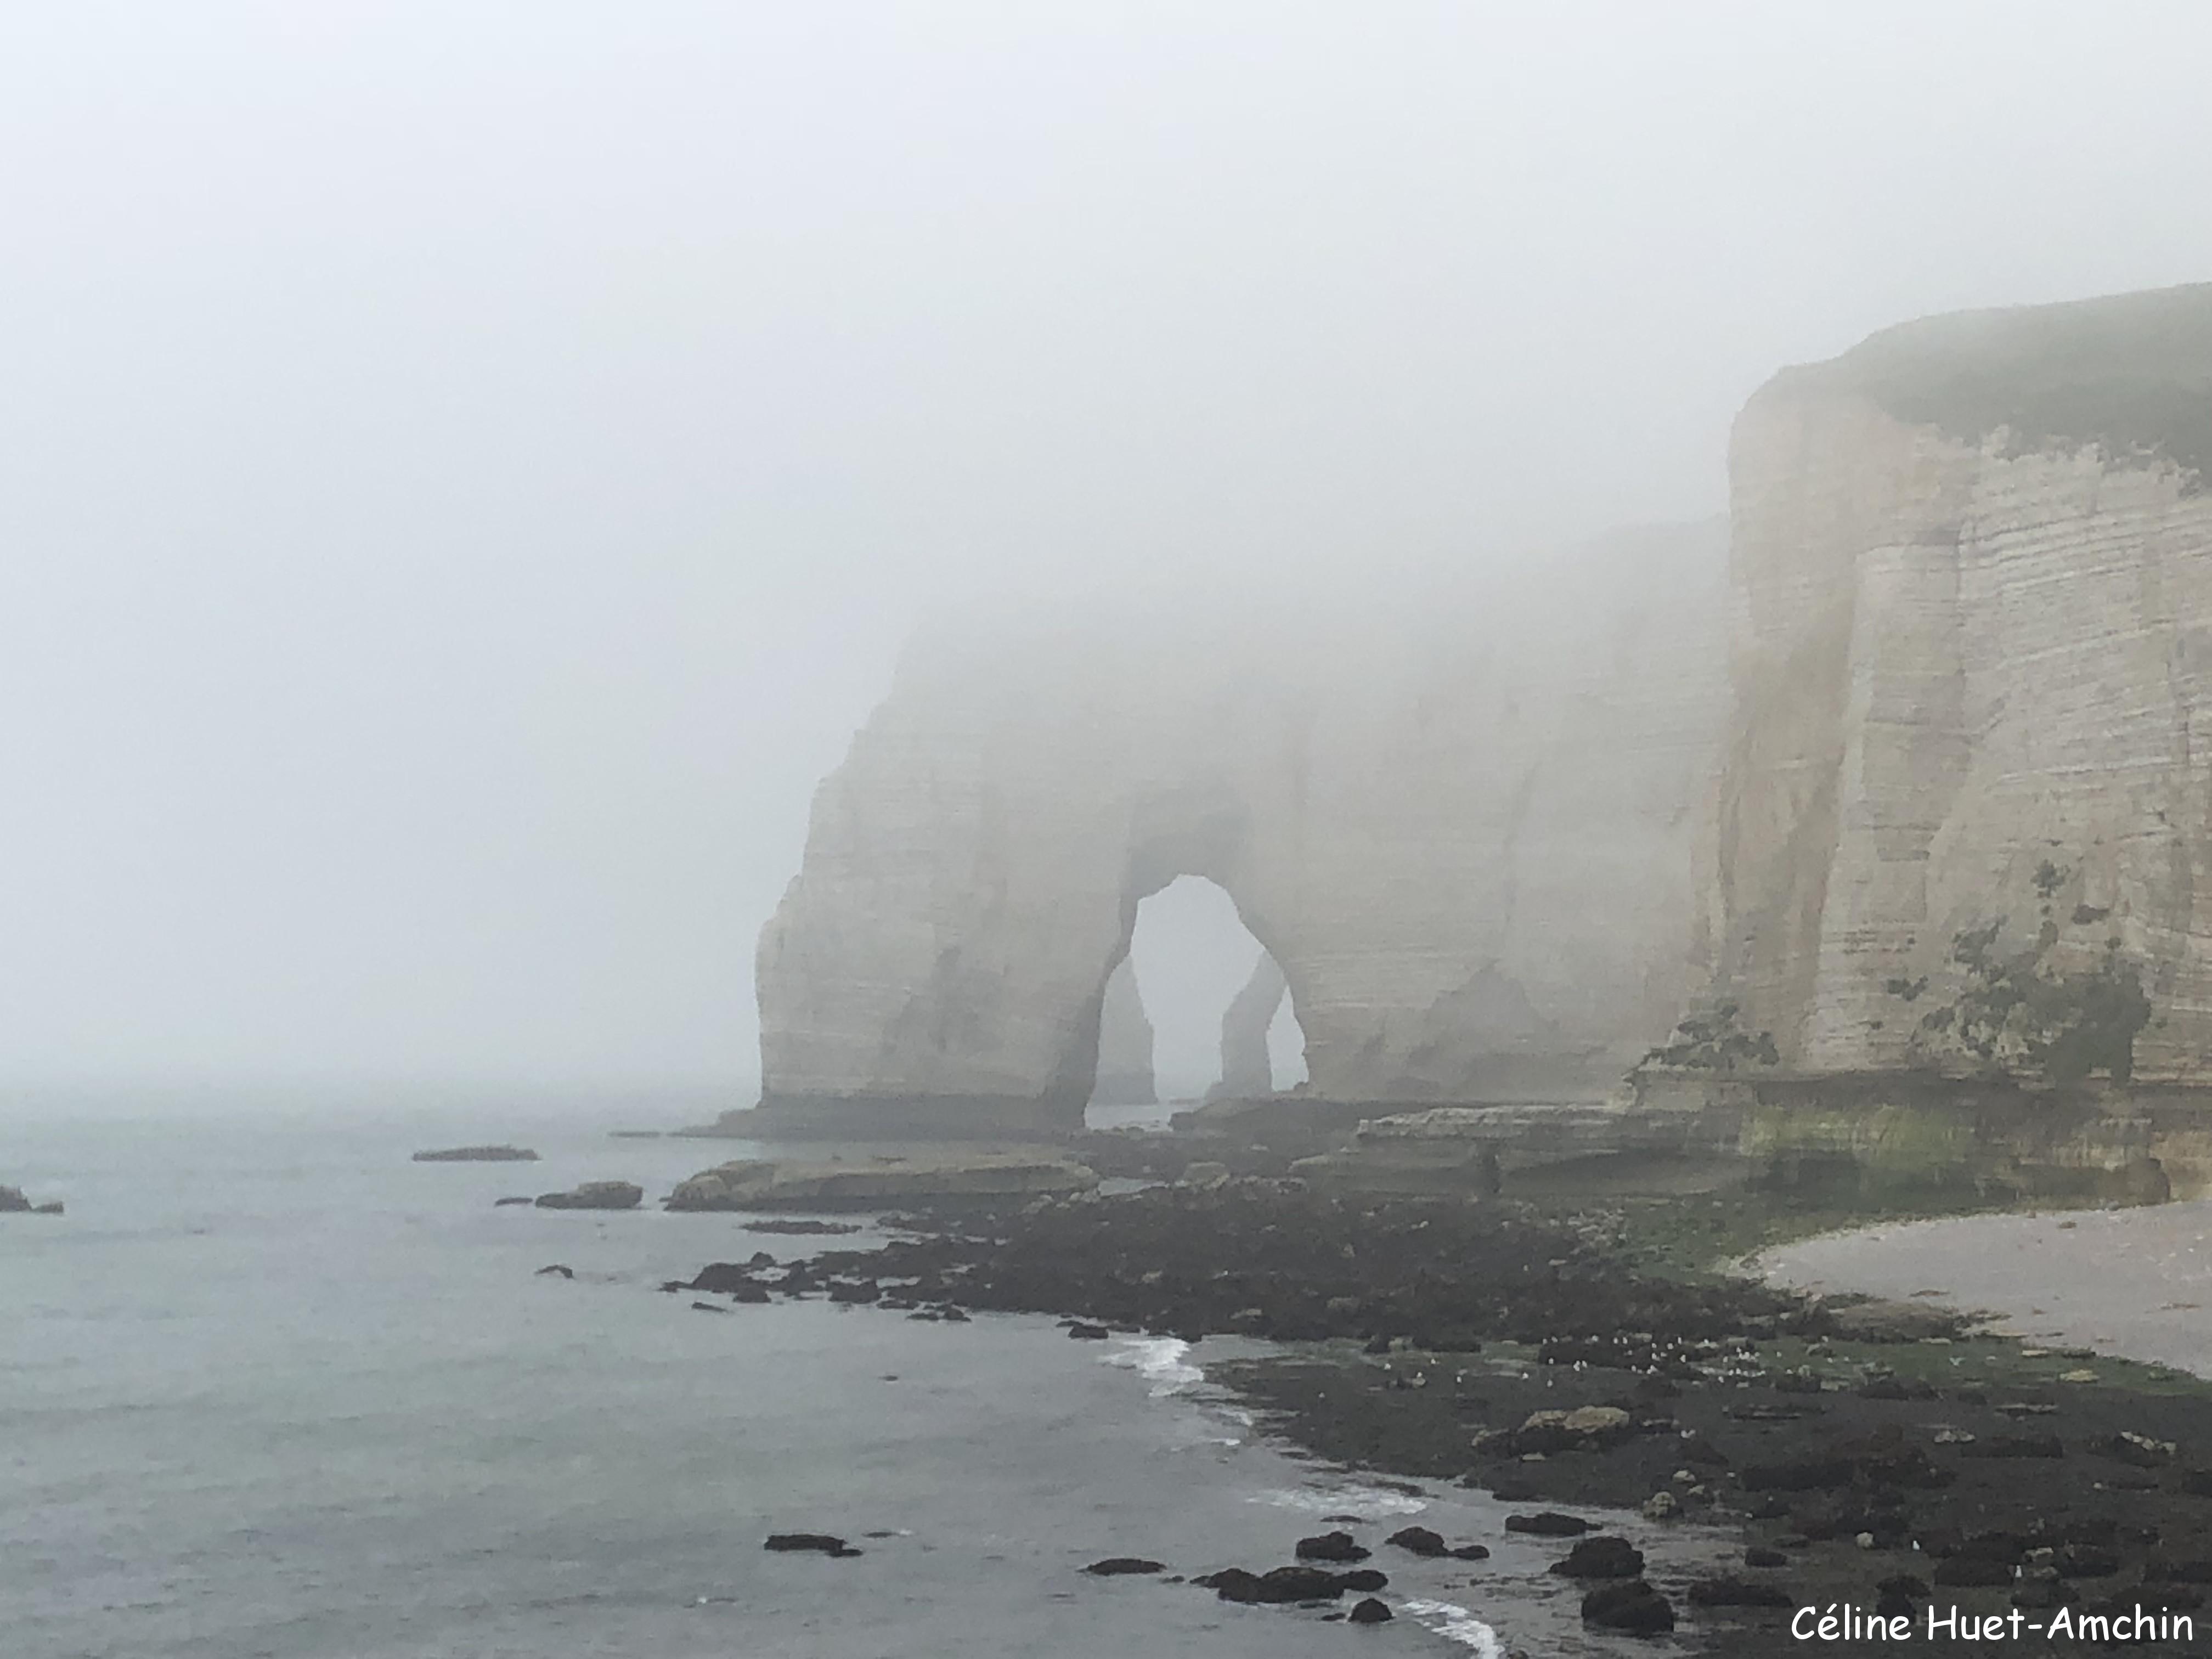 La Manneporte et la Porte d'Aval au loin Etretat Normandie